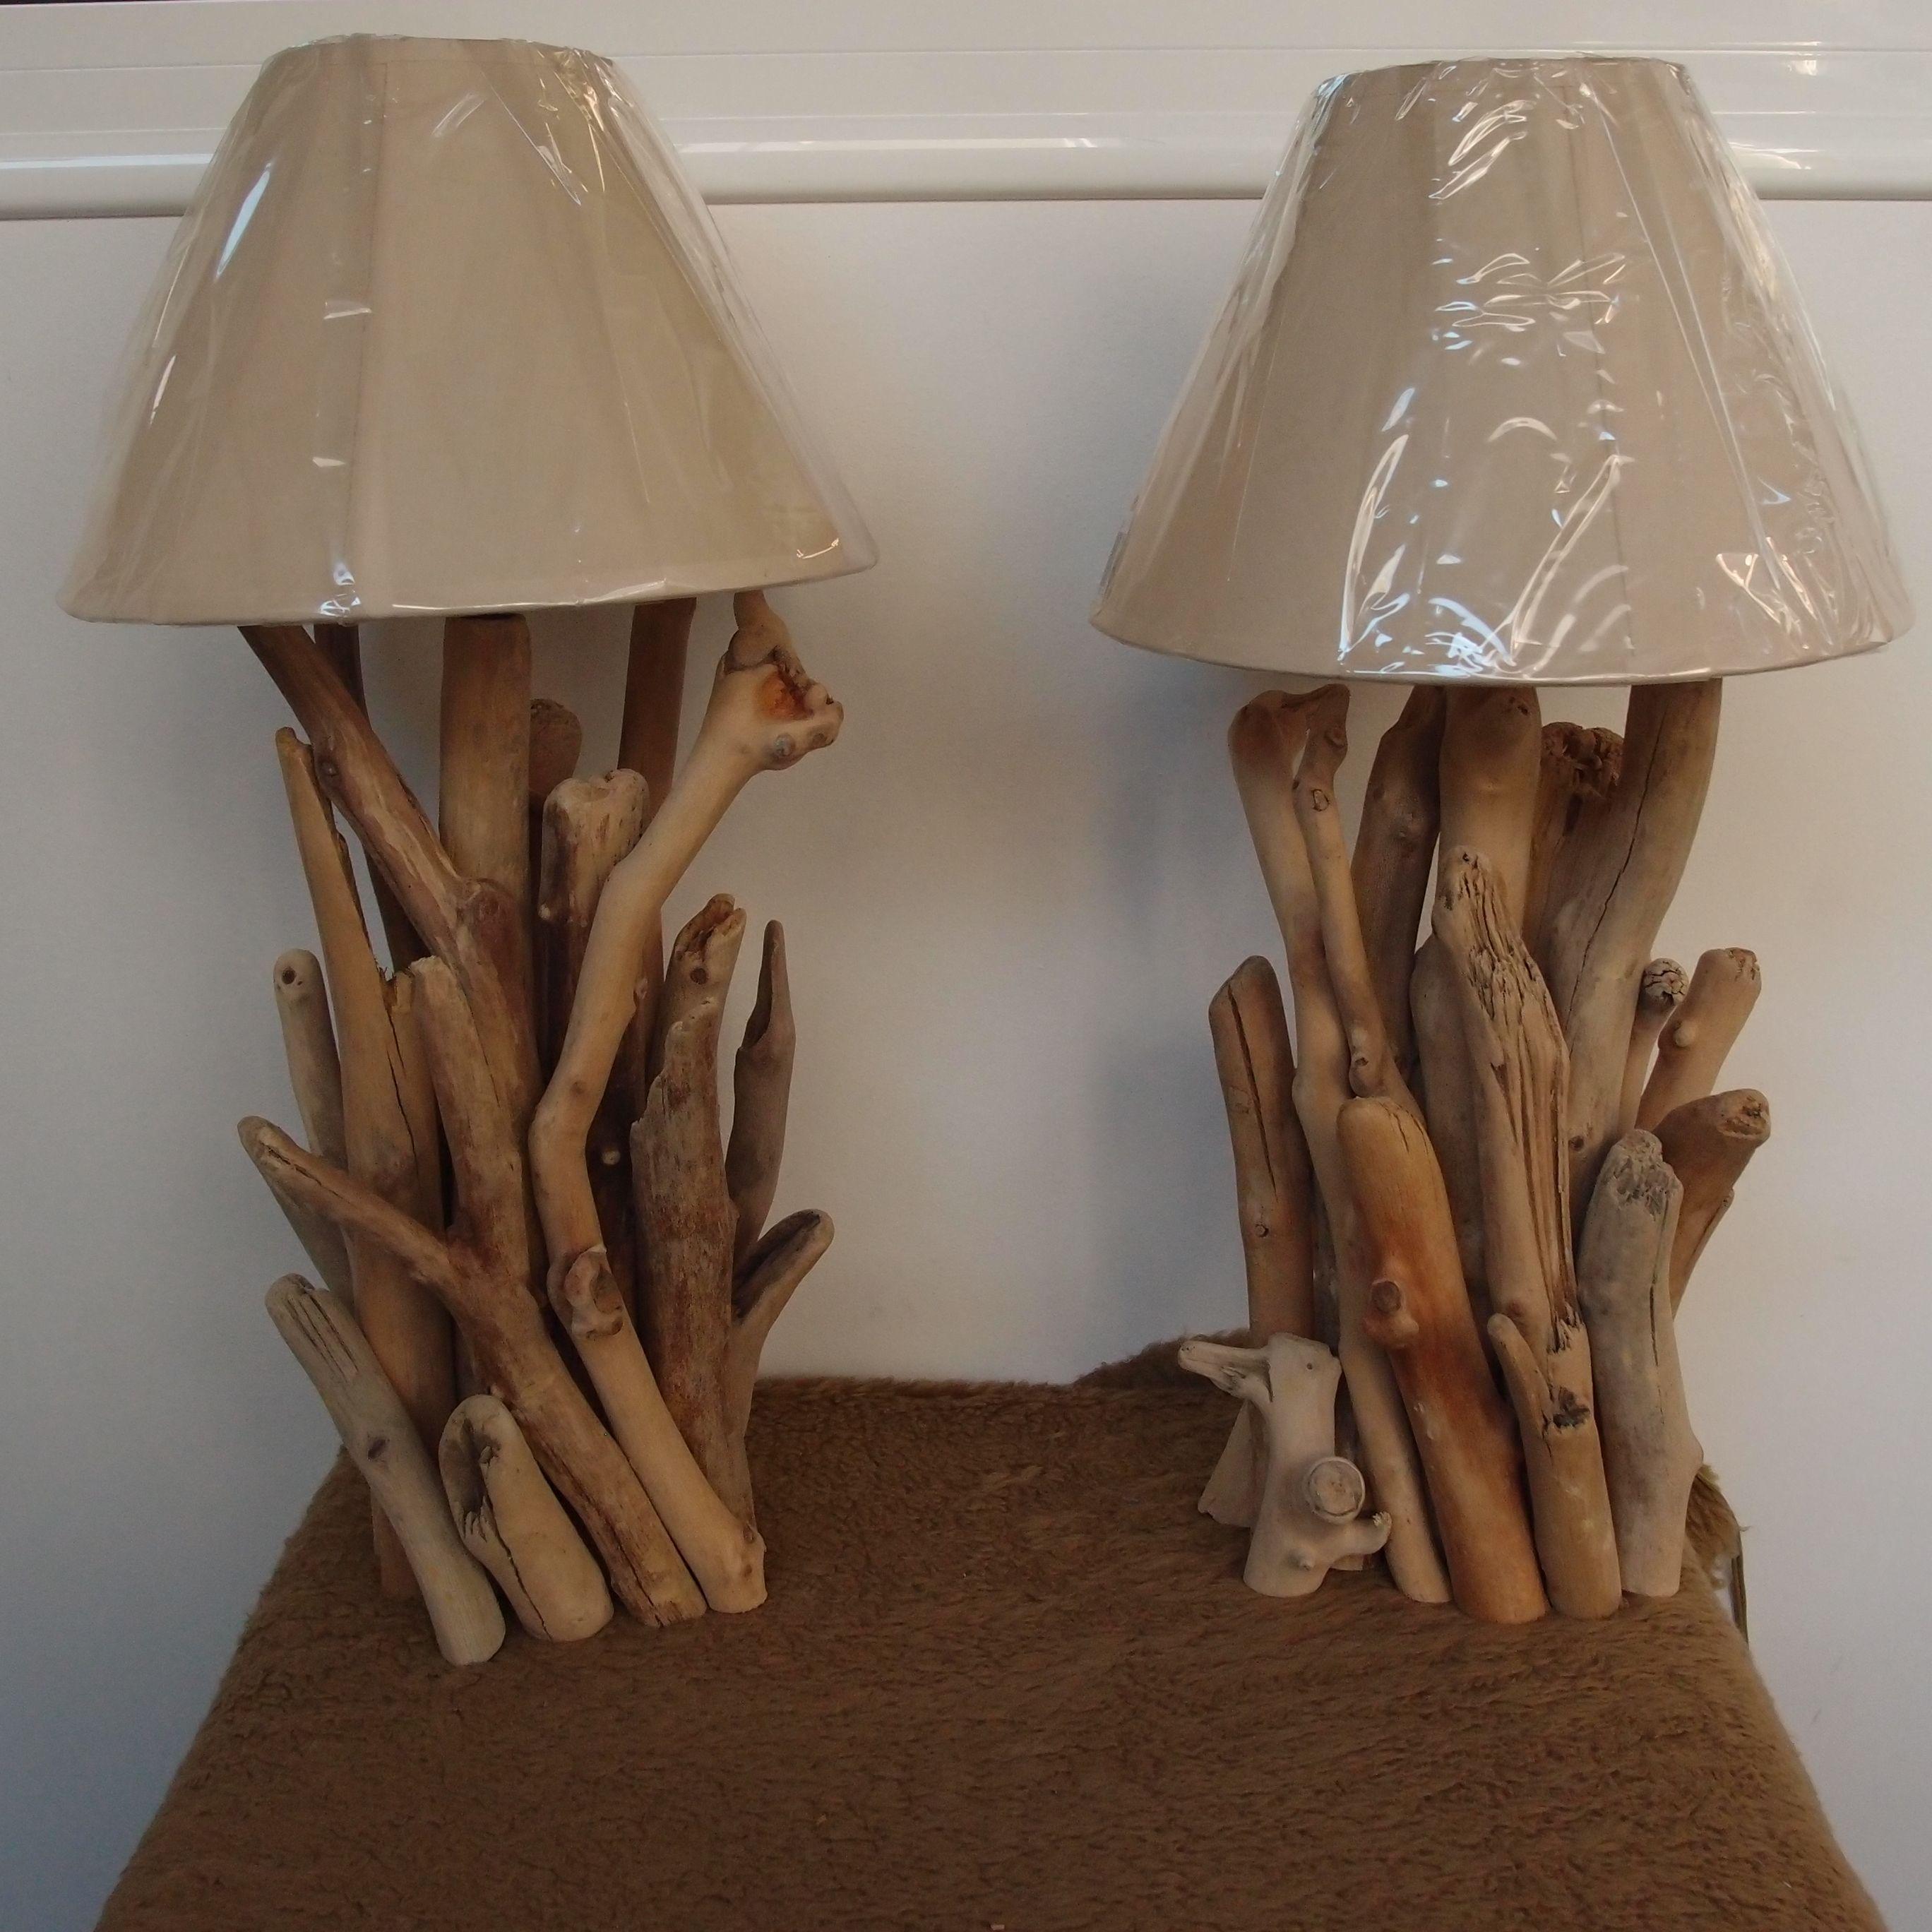 τηλ. 6976773699 ...Driftwood lamps diy.Πορτατίφ φωτιστικό ... for Diy Wood Lamp Shade  76uhy